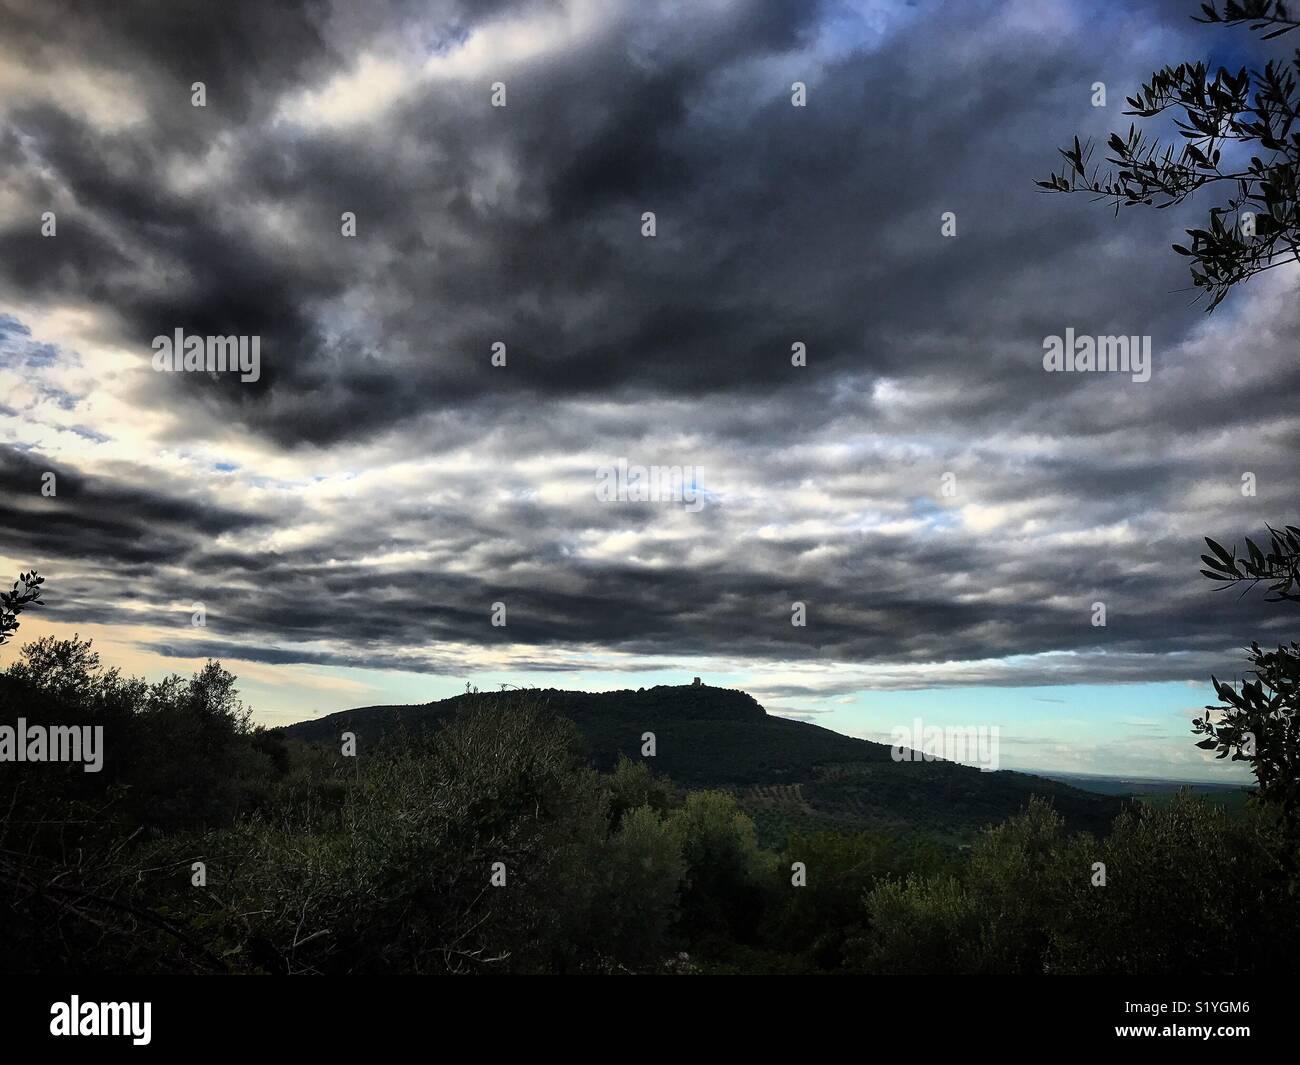 Una tempesta la raccolta di oltre il castello di Matrera in Prado del Rey, Sierra de Cadice, Andalusia, Spagna Immagini Stock